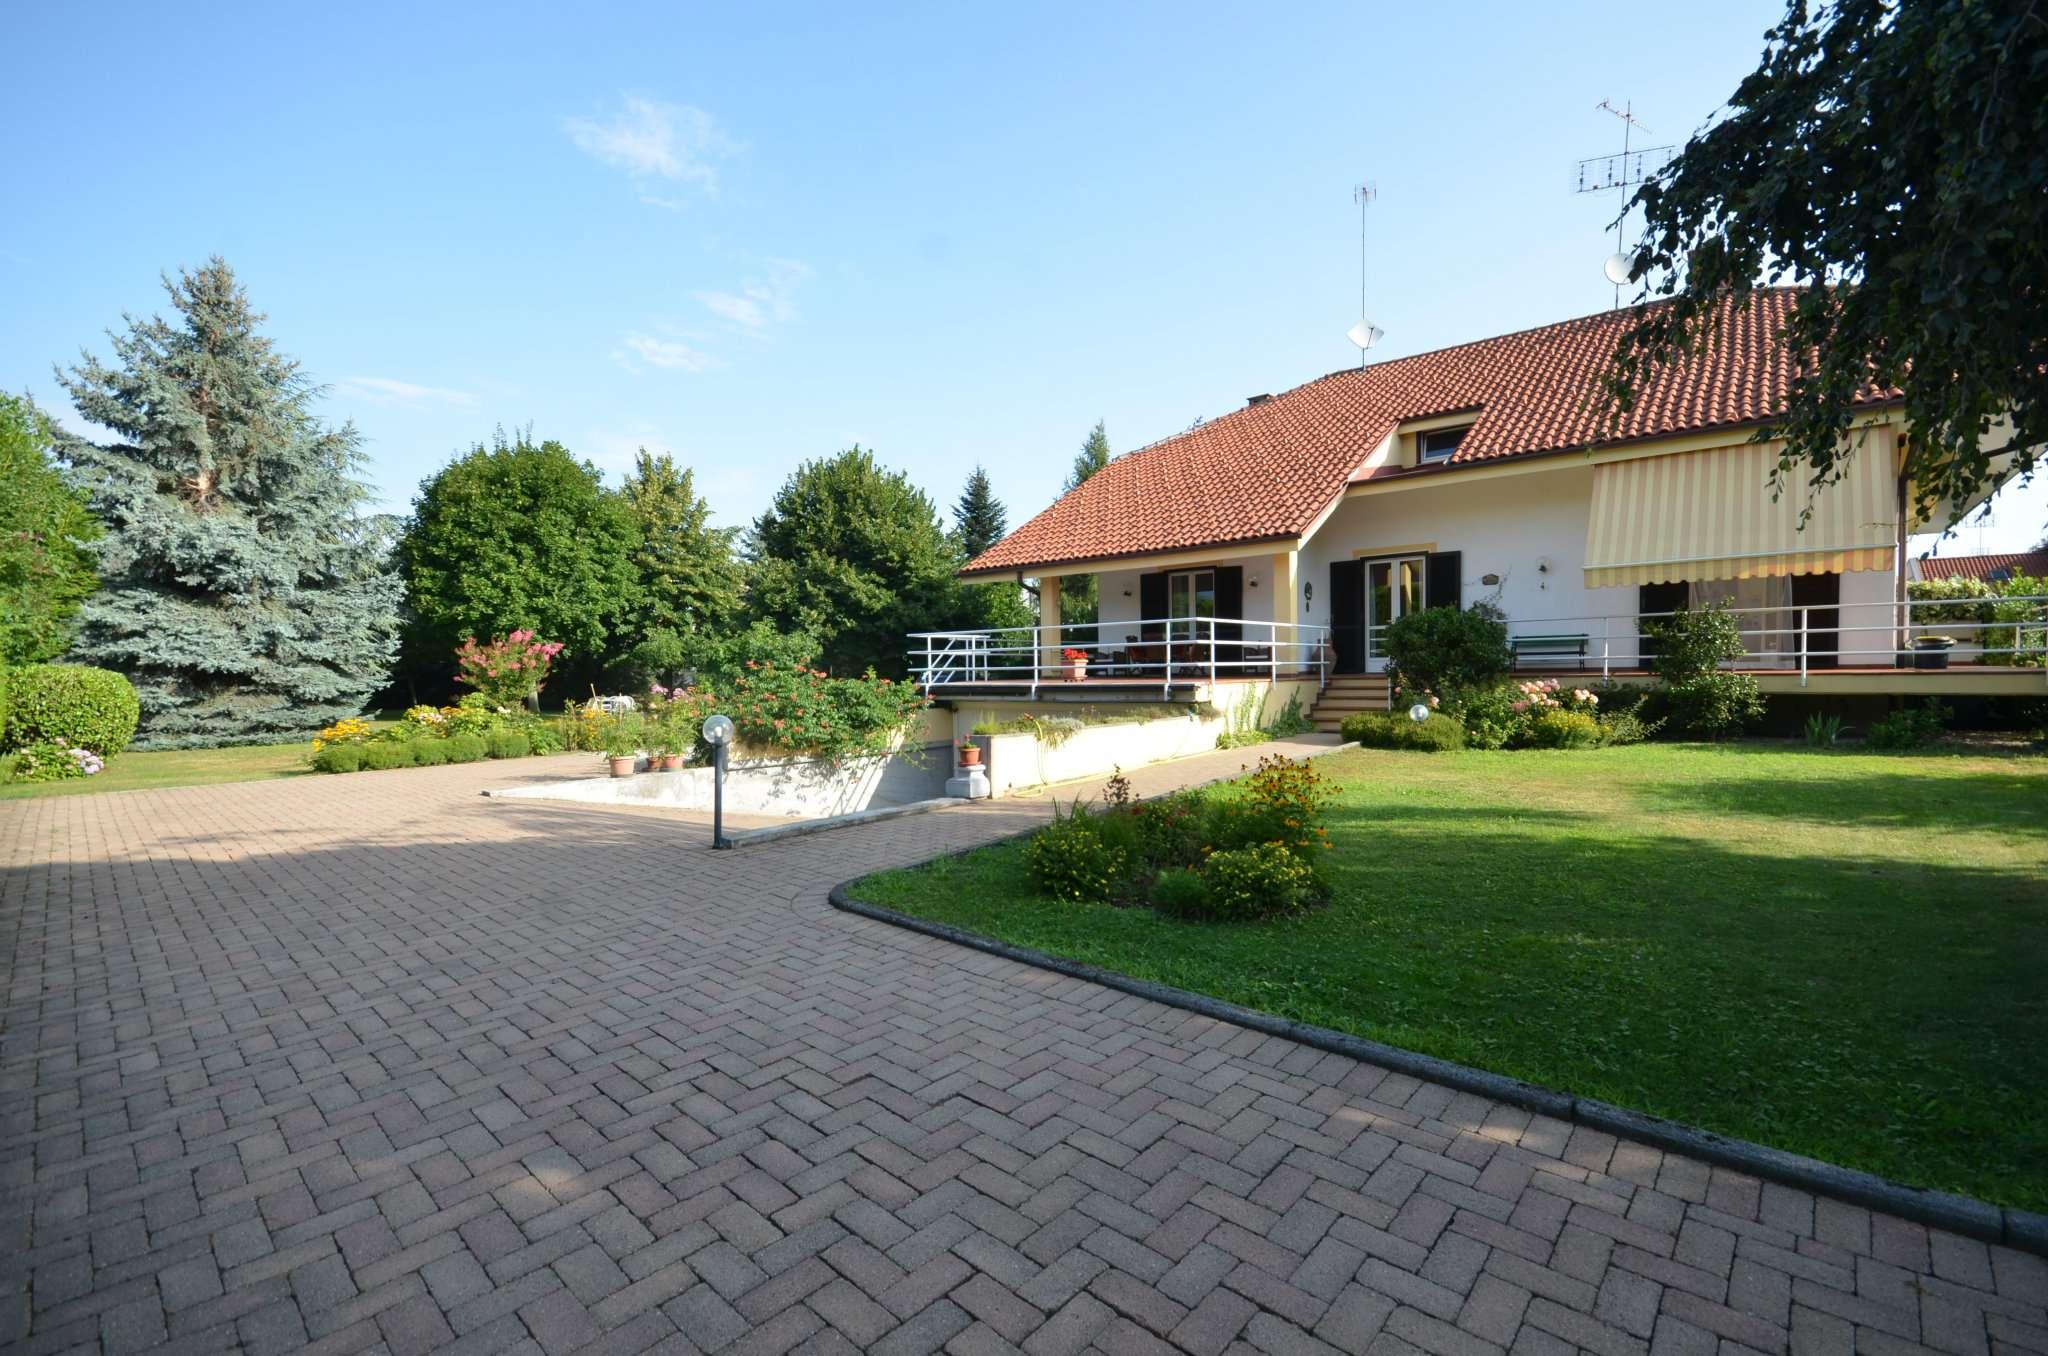 Villa in vendita a Borgo San Dalmazzo, 7 locali, prezzo € 380.000 | CambioCasa.it